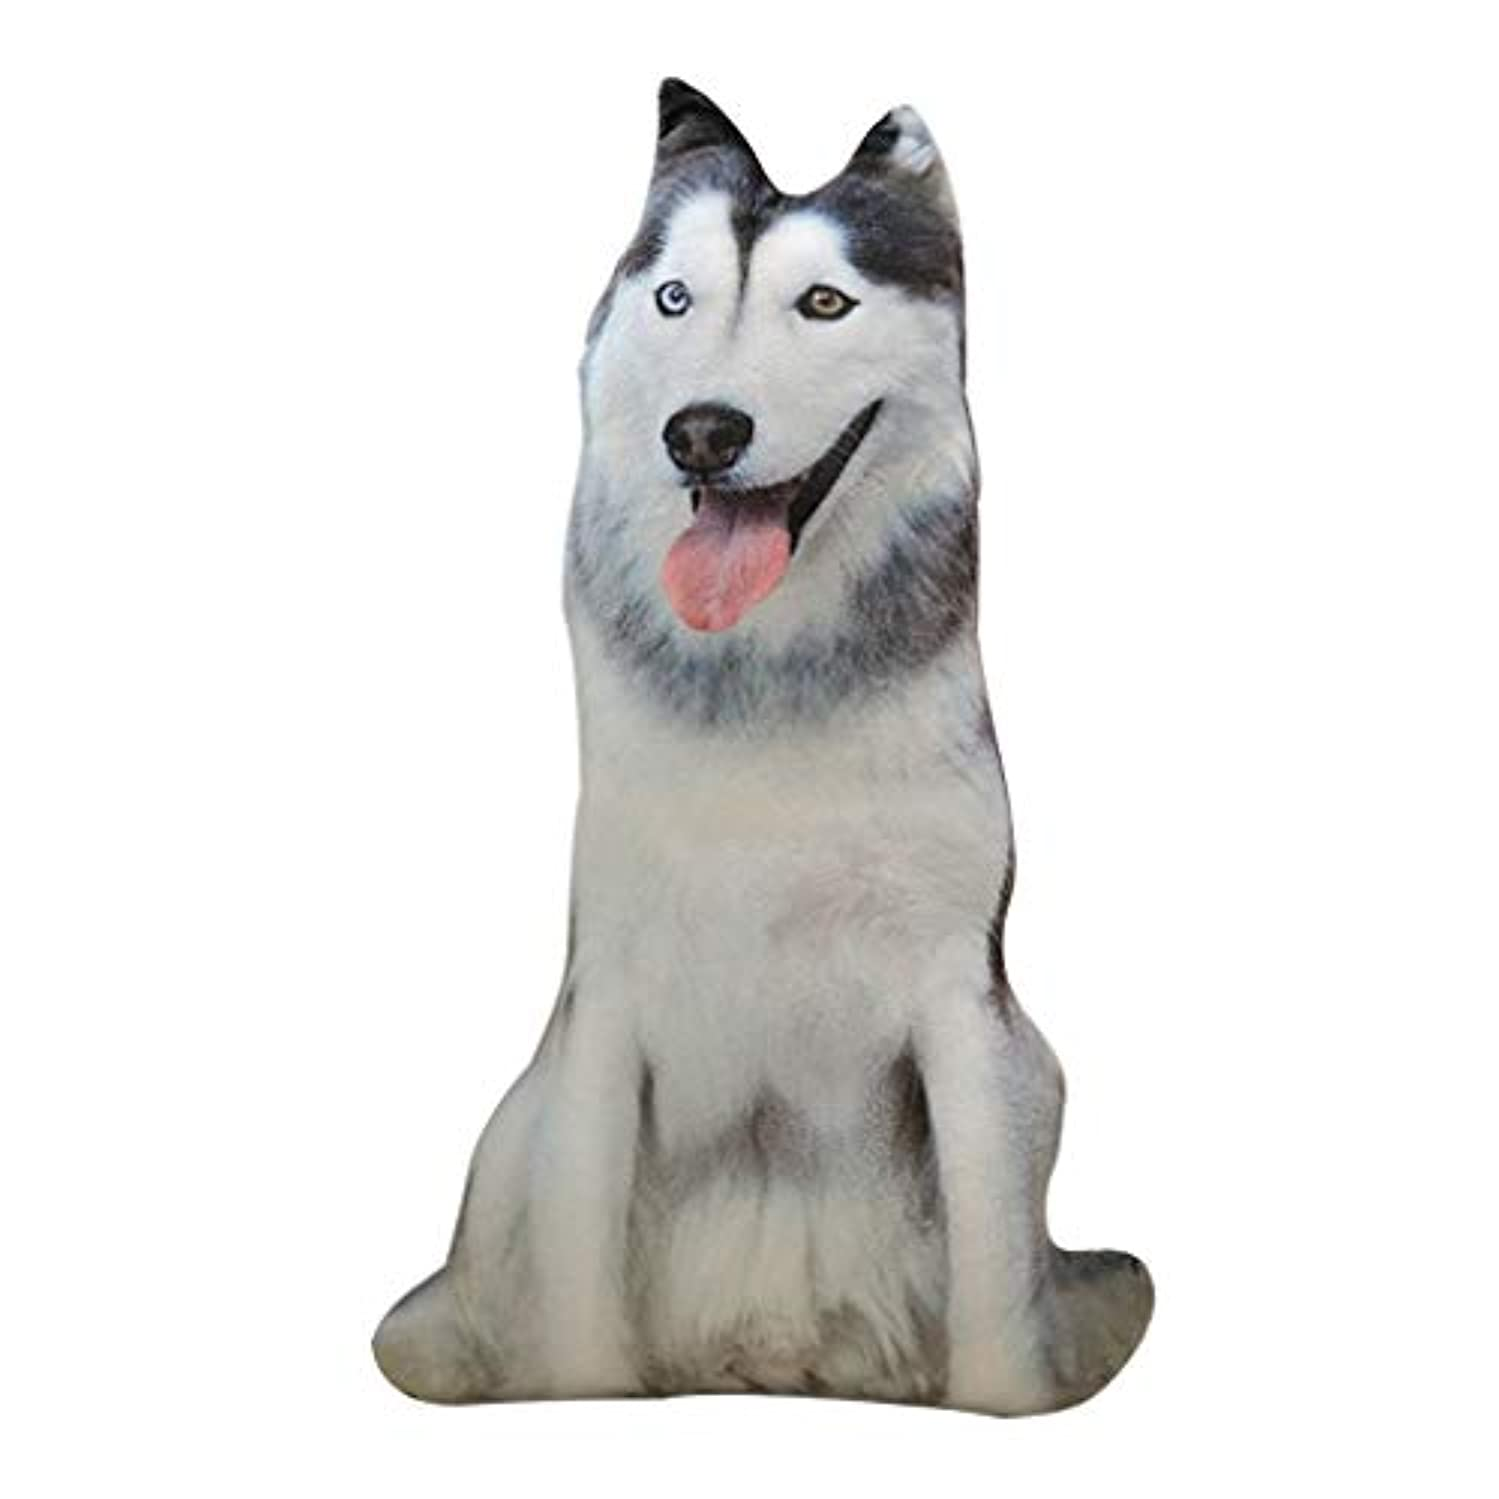 標準聖なるリスキーなLIFE 装飾クッションソファおかしい 3D 犬印刷スロー枕創造クッションかわいいぬいぐるみギフト家の装飾 coussin decoratif クッション 椅子